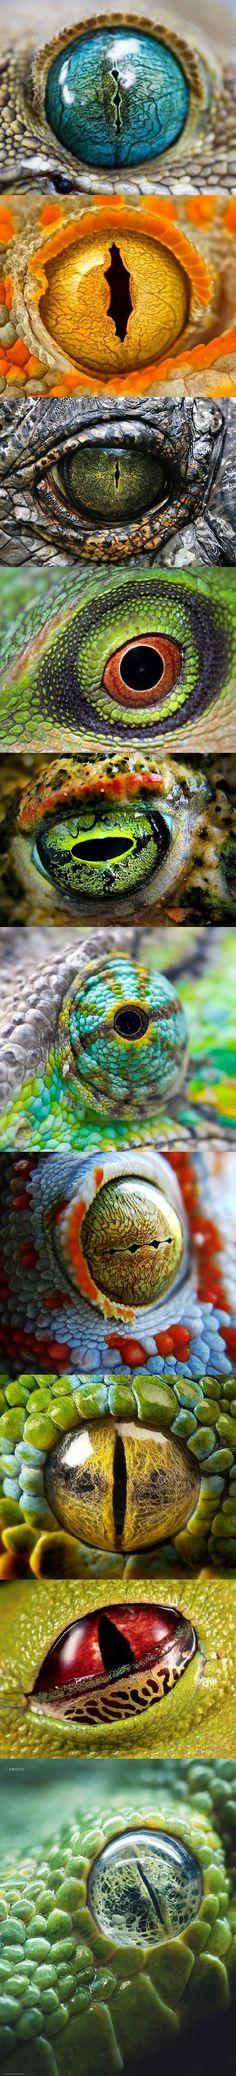 파충류의 눈